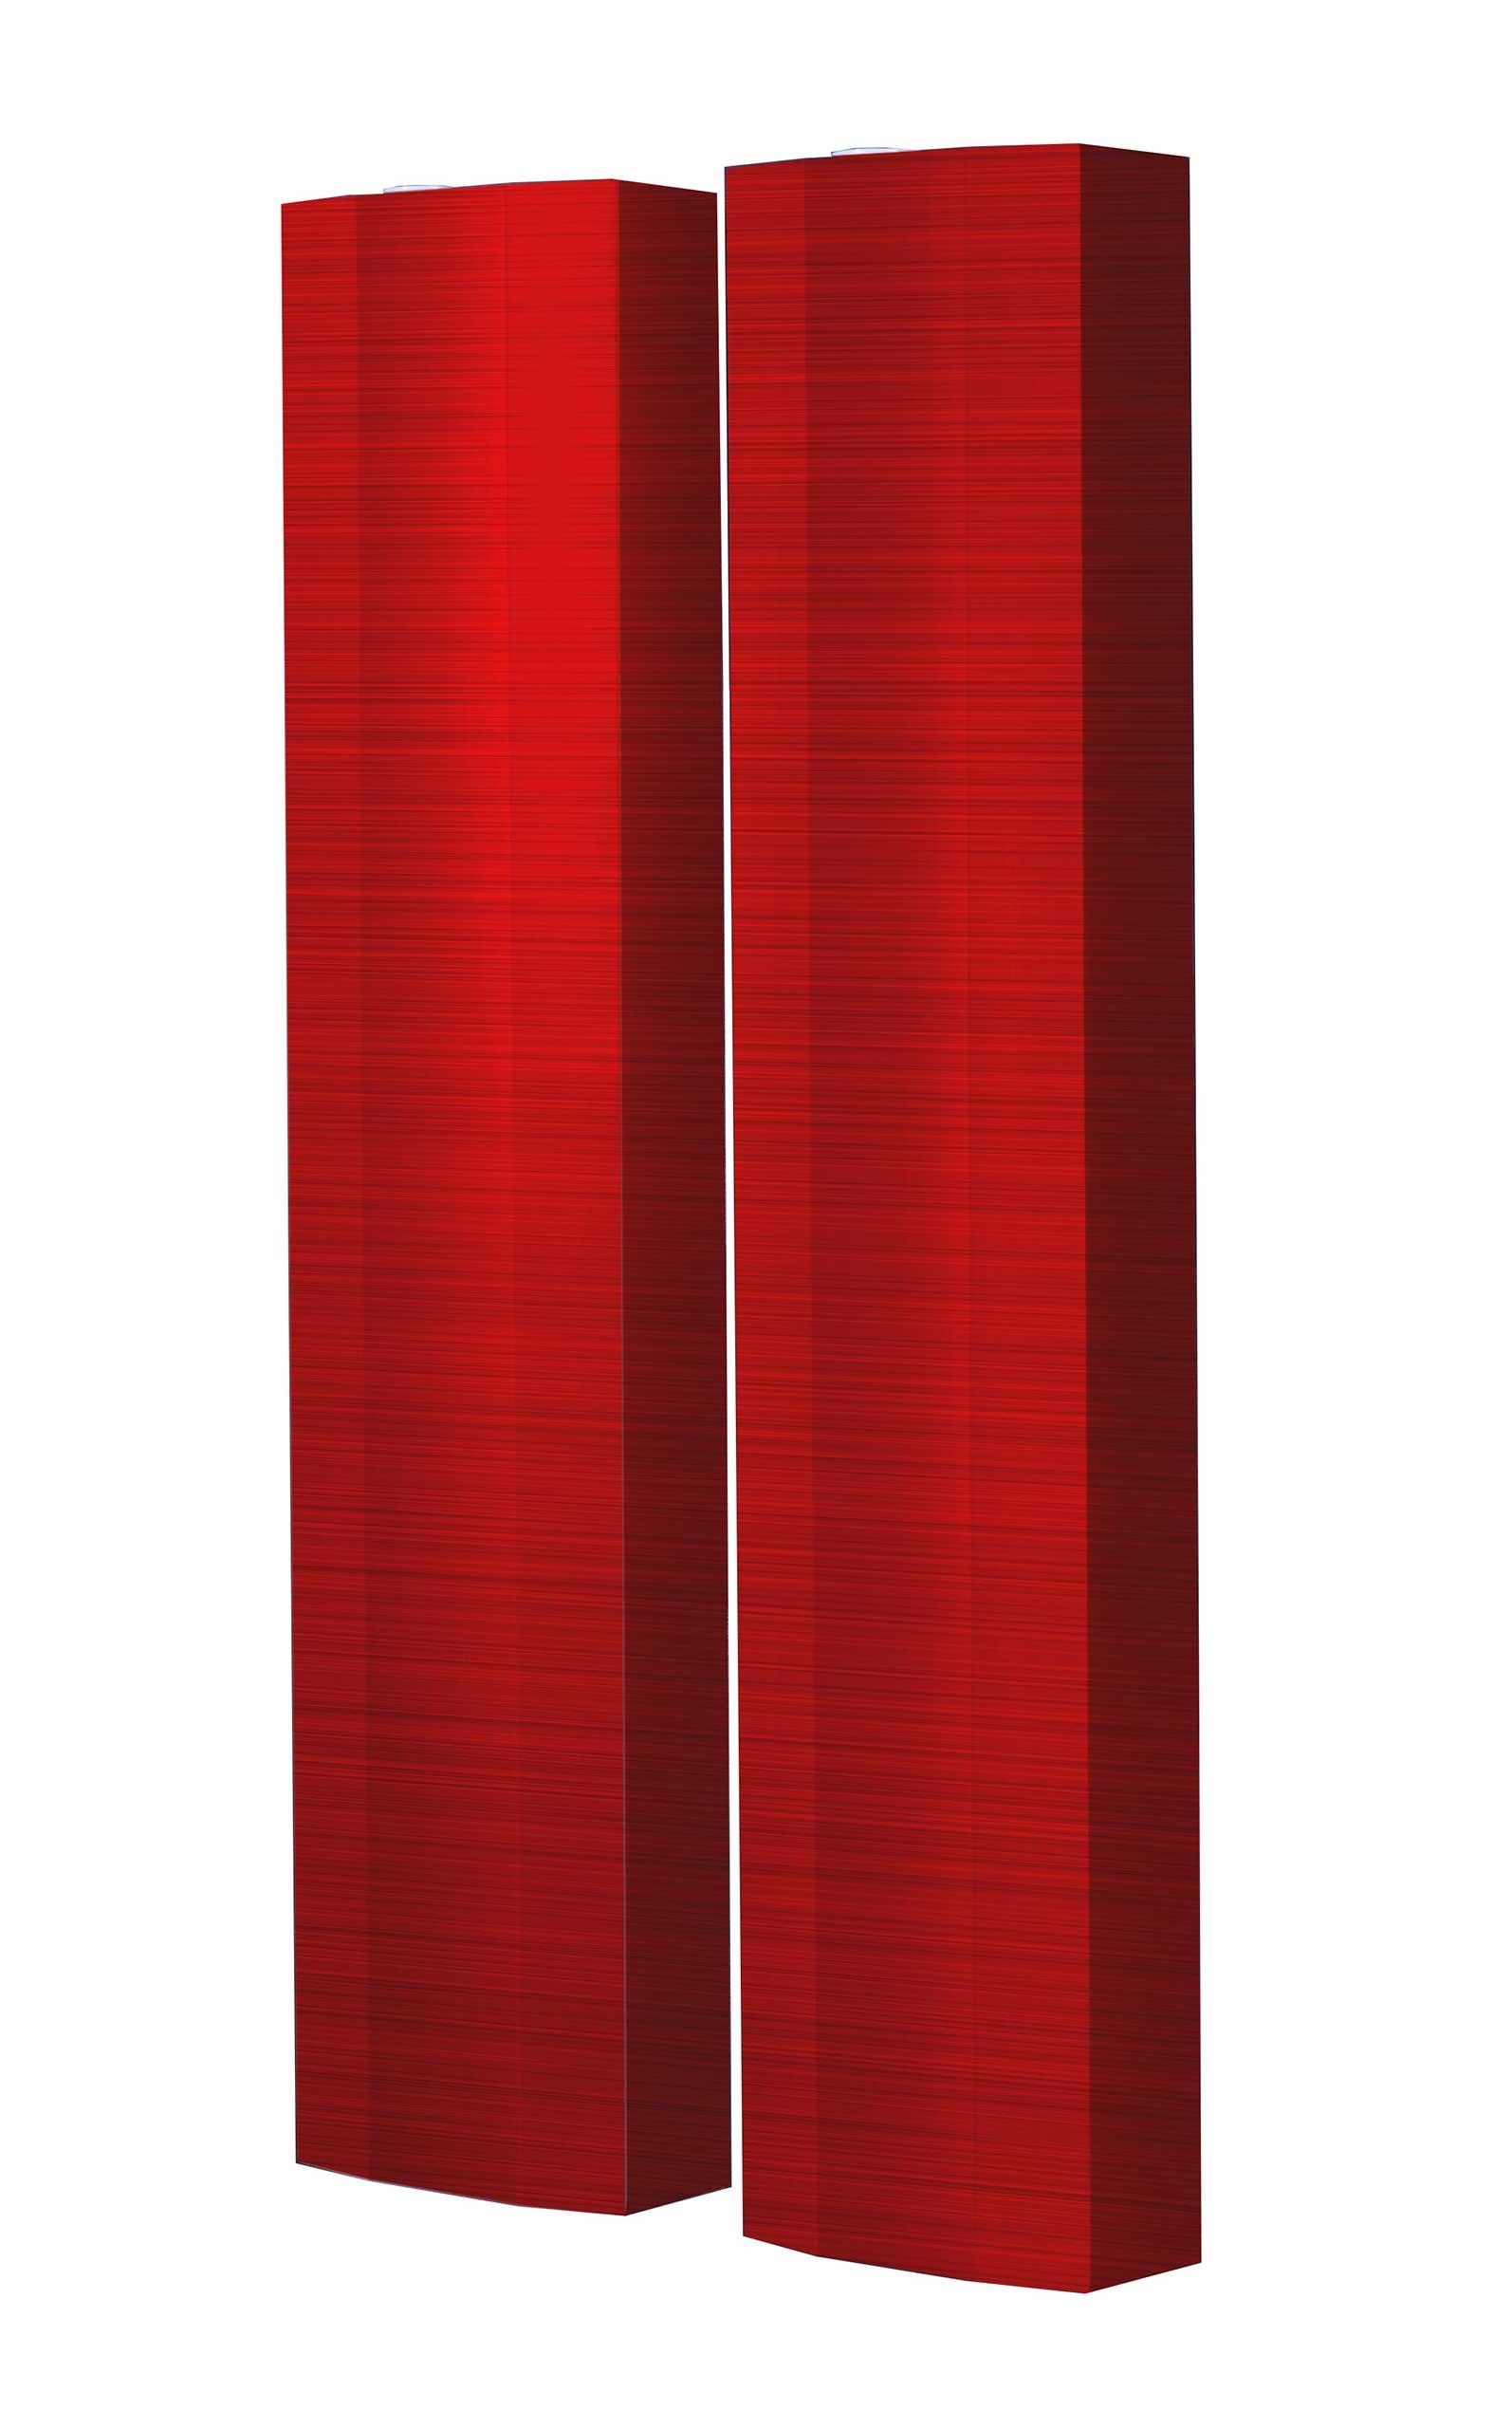 Schuhschrank STORM Motivschrank Duo SD124 Rot Muster weiß 2er Set